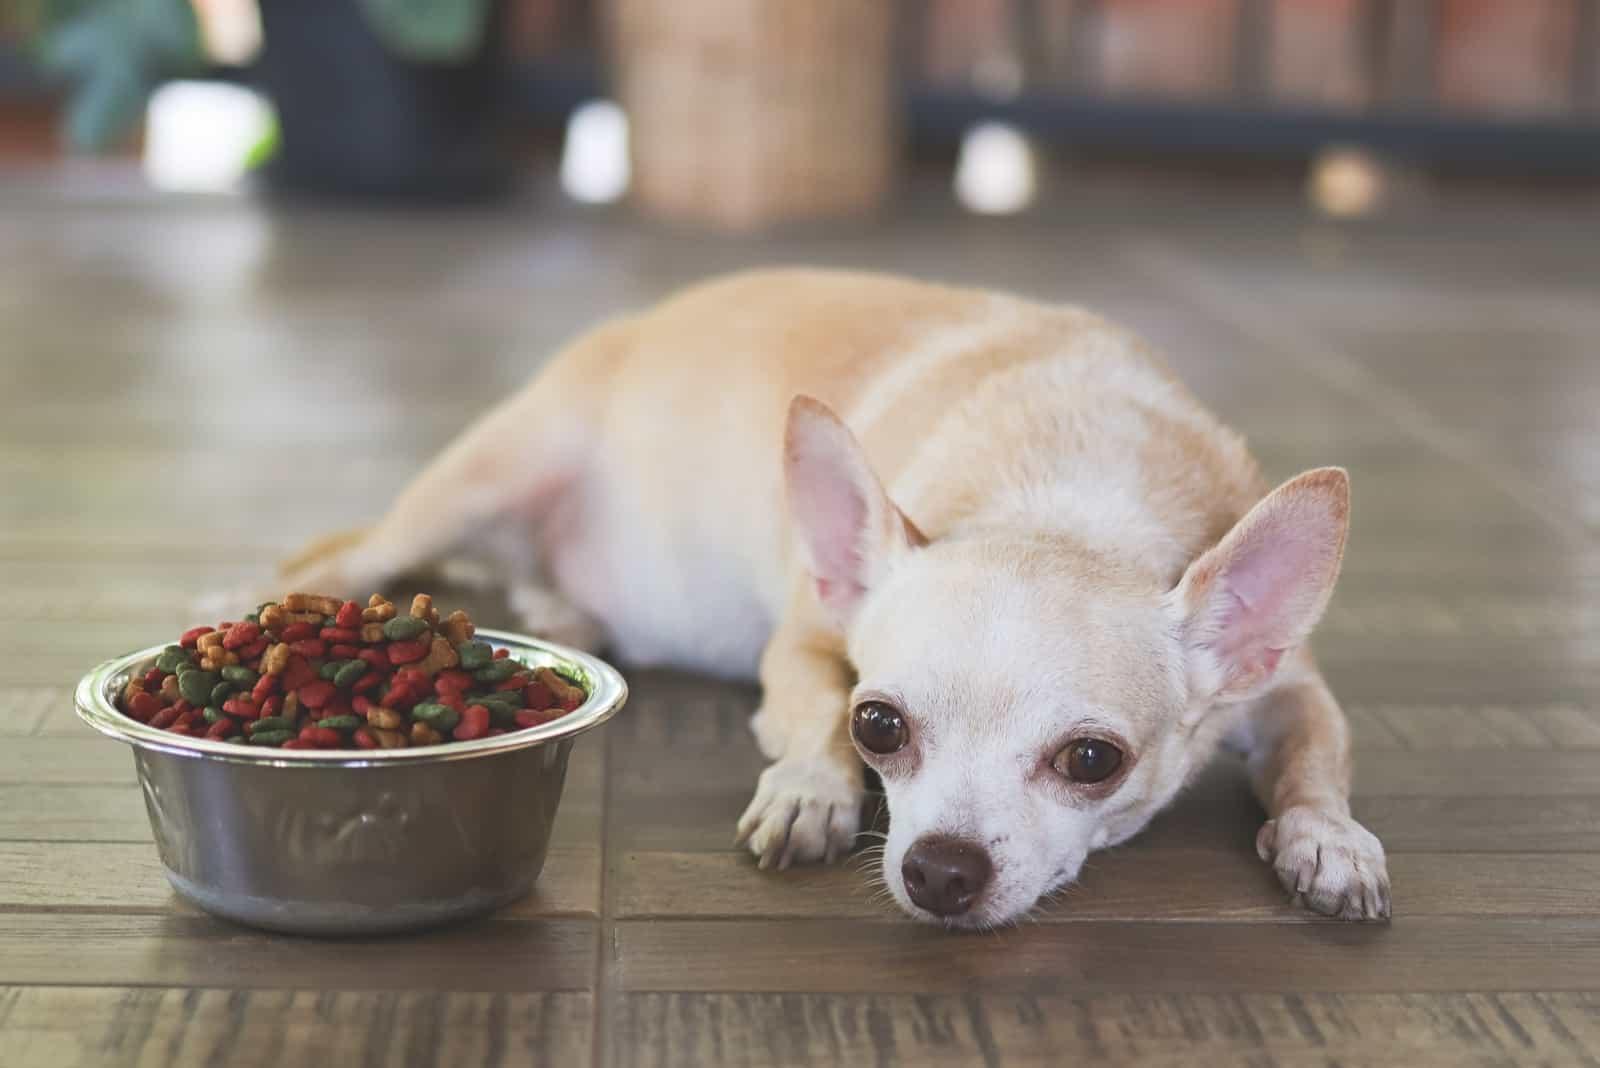 Ein kranker Chihuahua lehnt Essen ab